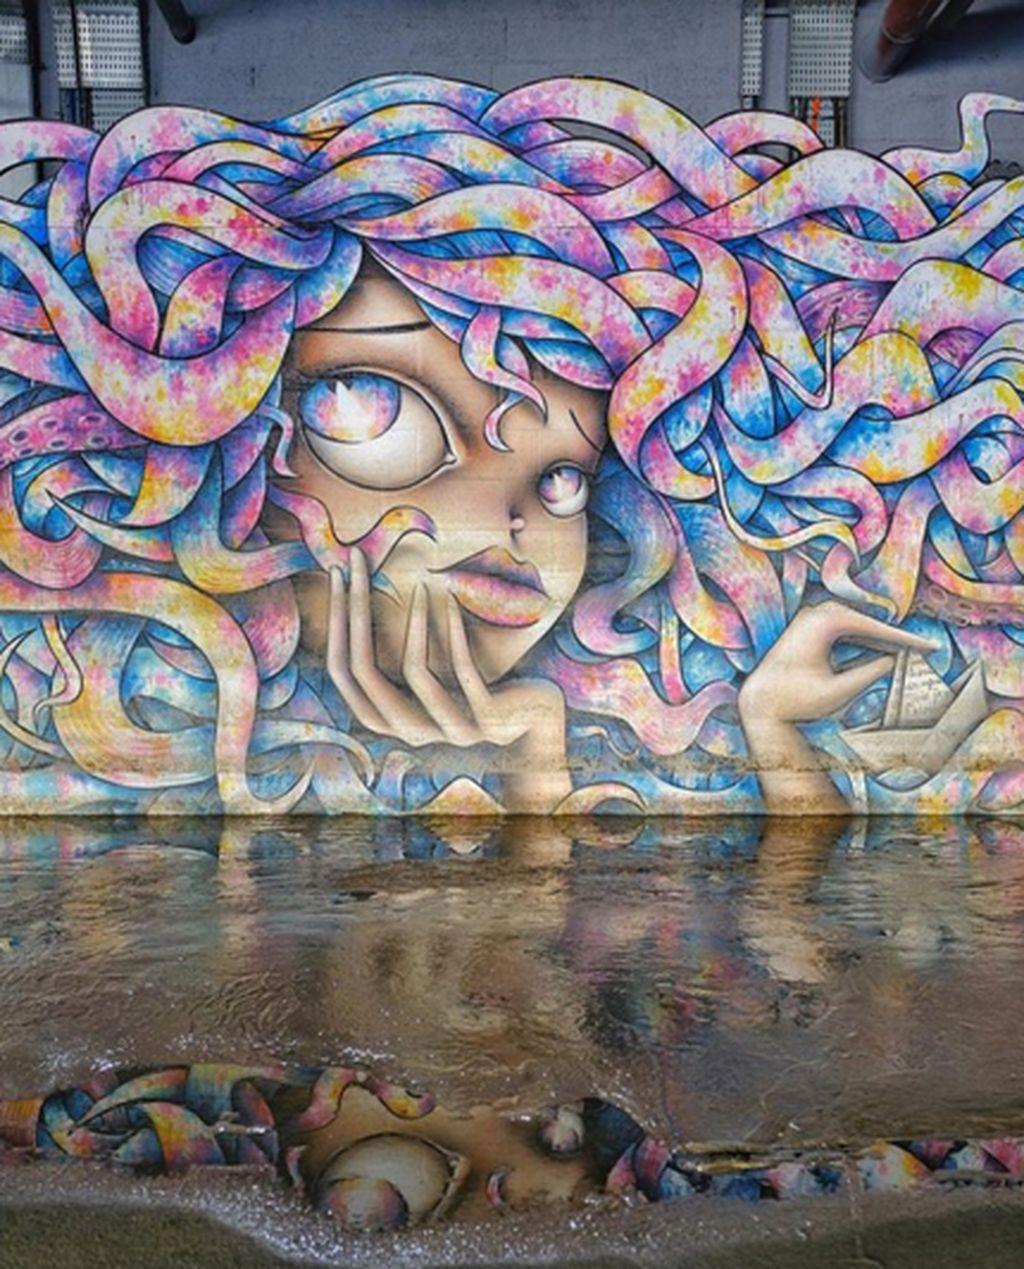 Dia adalah Vinie Graffiti seniman jalanan asal Prancis yang membuat lukisan mural dengan skala besar. (Foto: Vinie Graffiti)